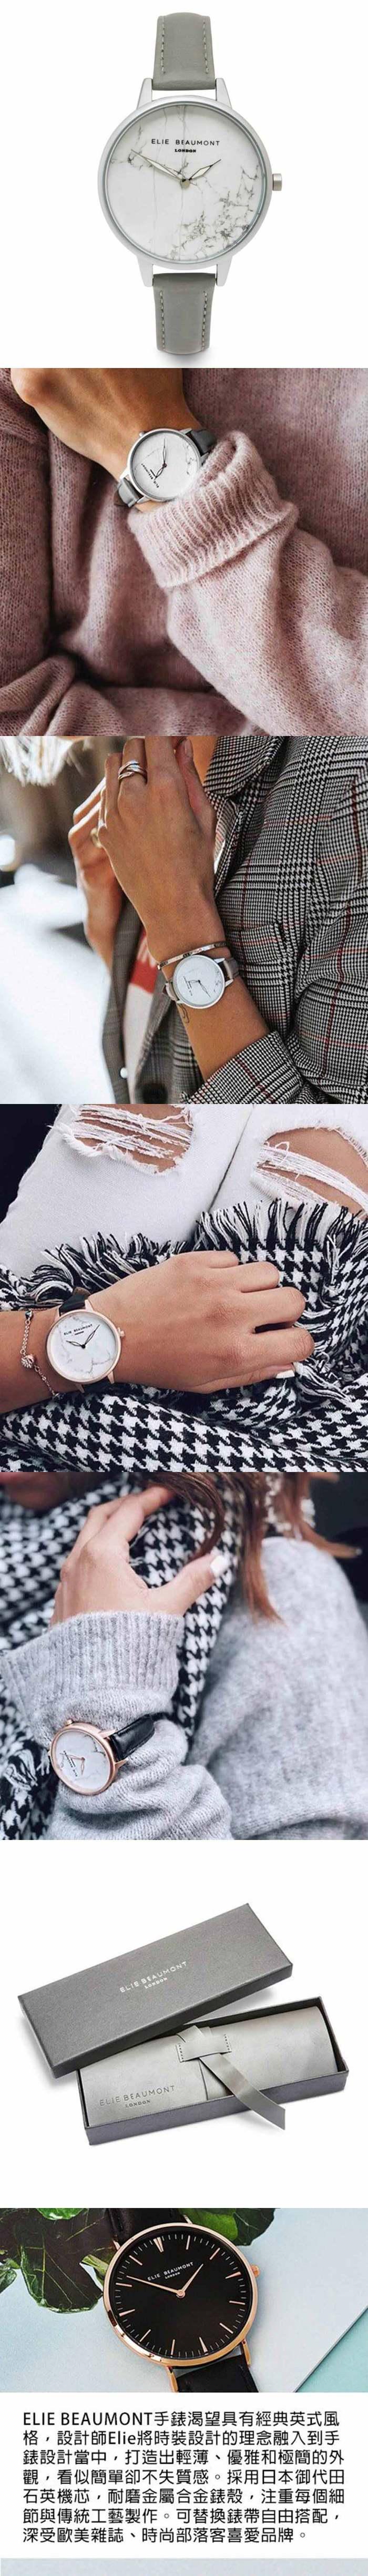 (複製)Elie Beaumont 英國時尚手錶 大理石系列 黑錶盤x褐色皮革錶帶x玫瑰金錶框38mm